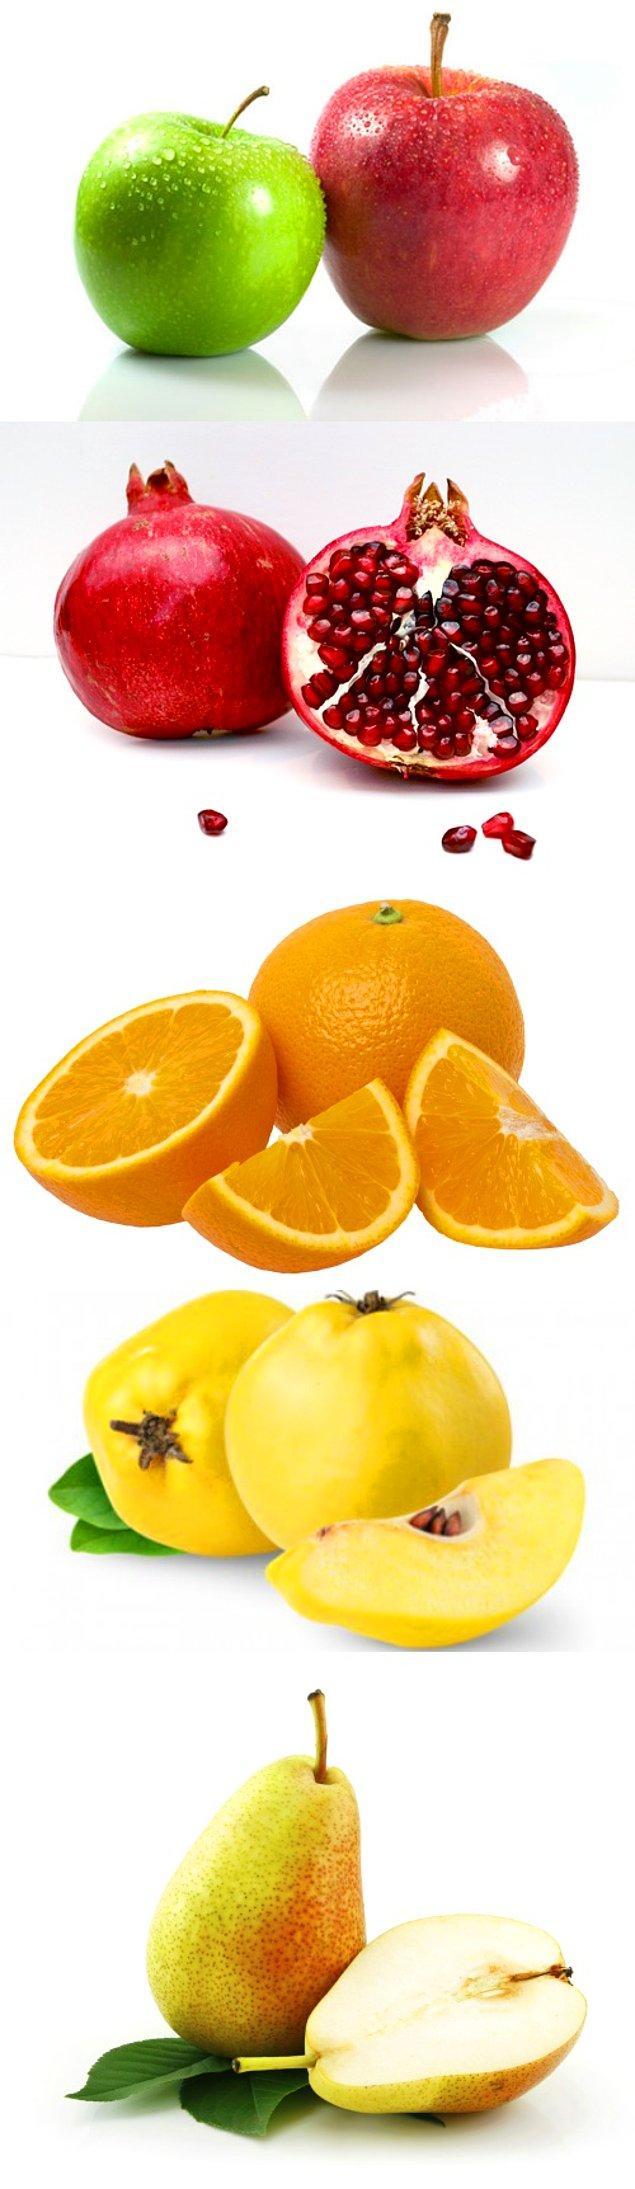 İlk olarak Şubat meyvelerini hatırlayalım...